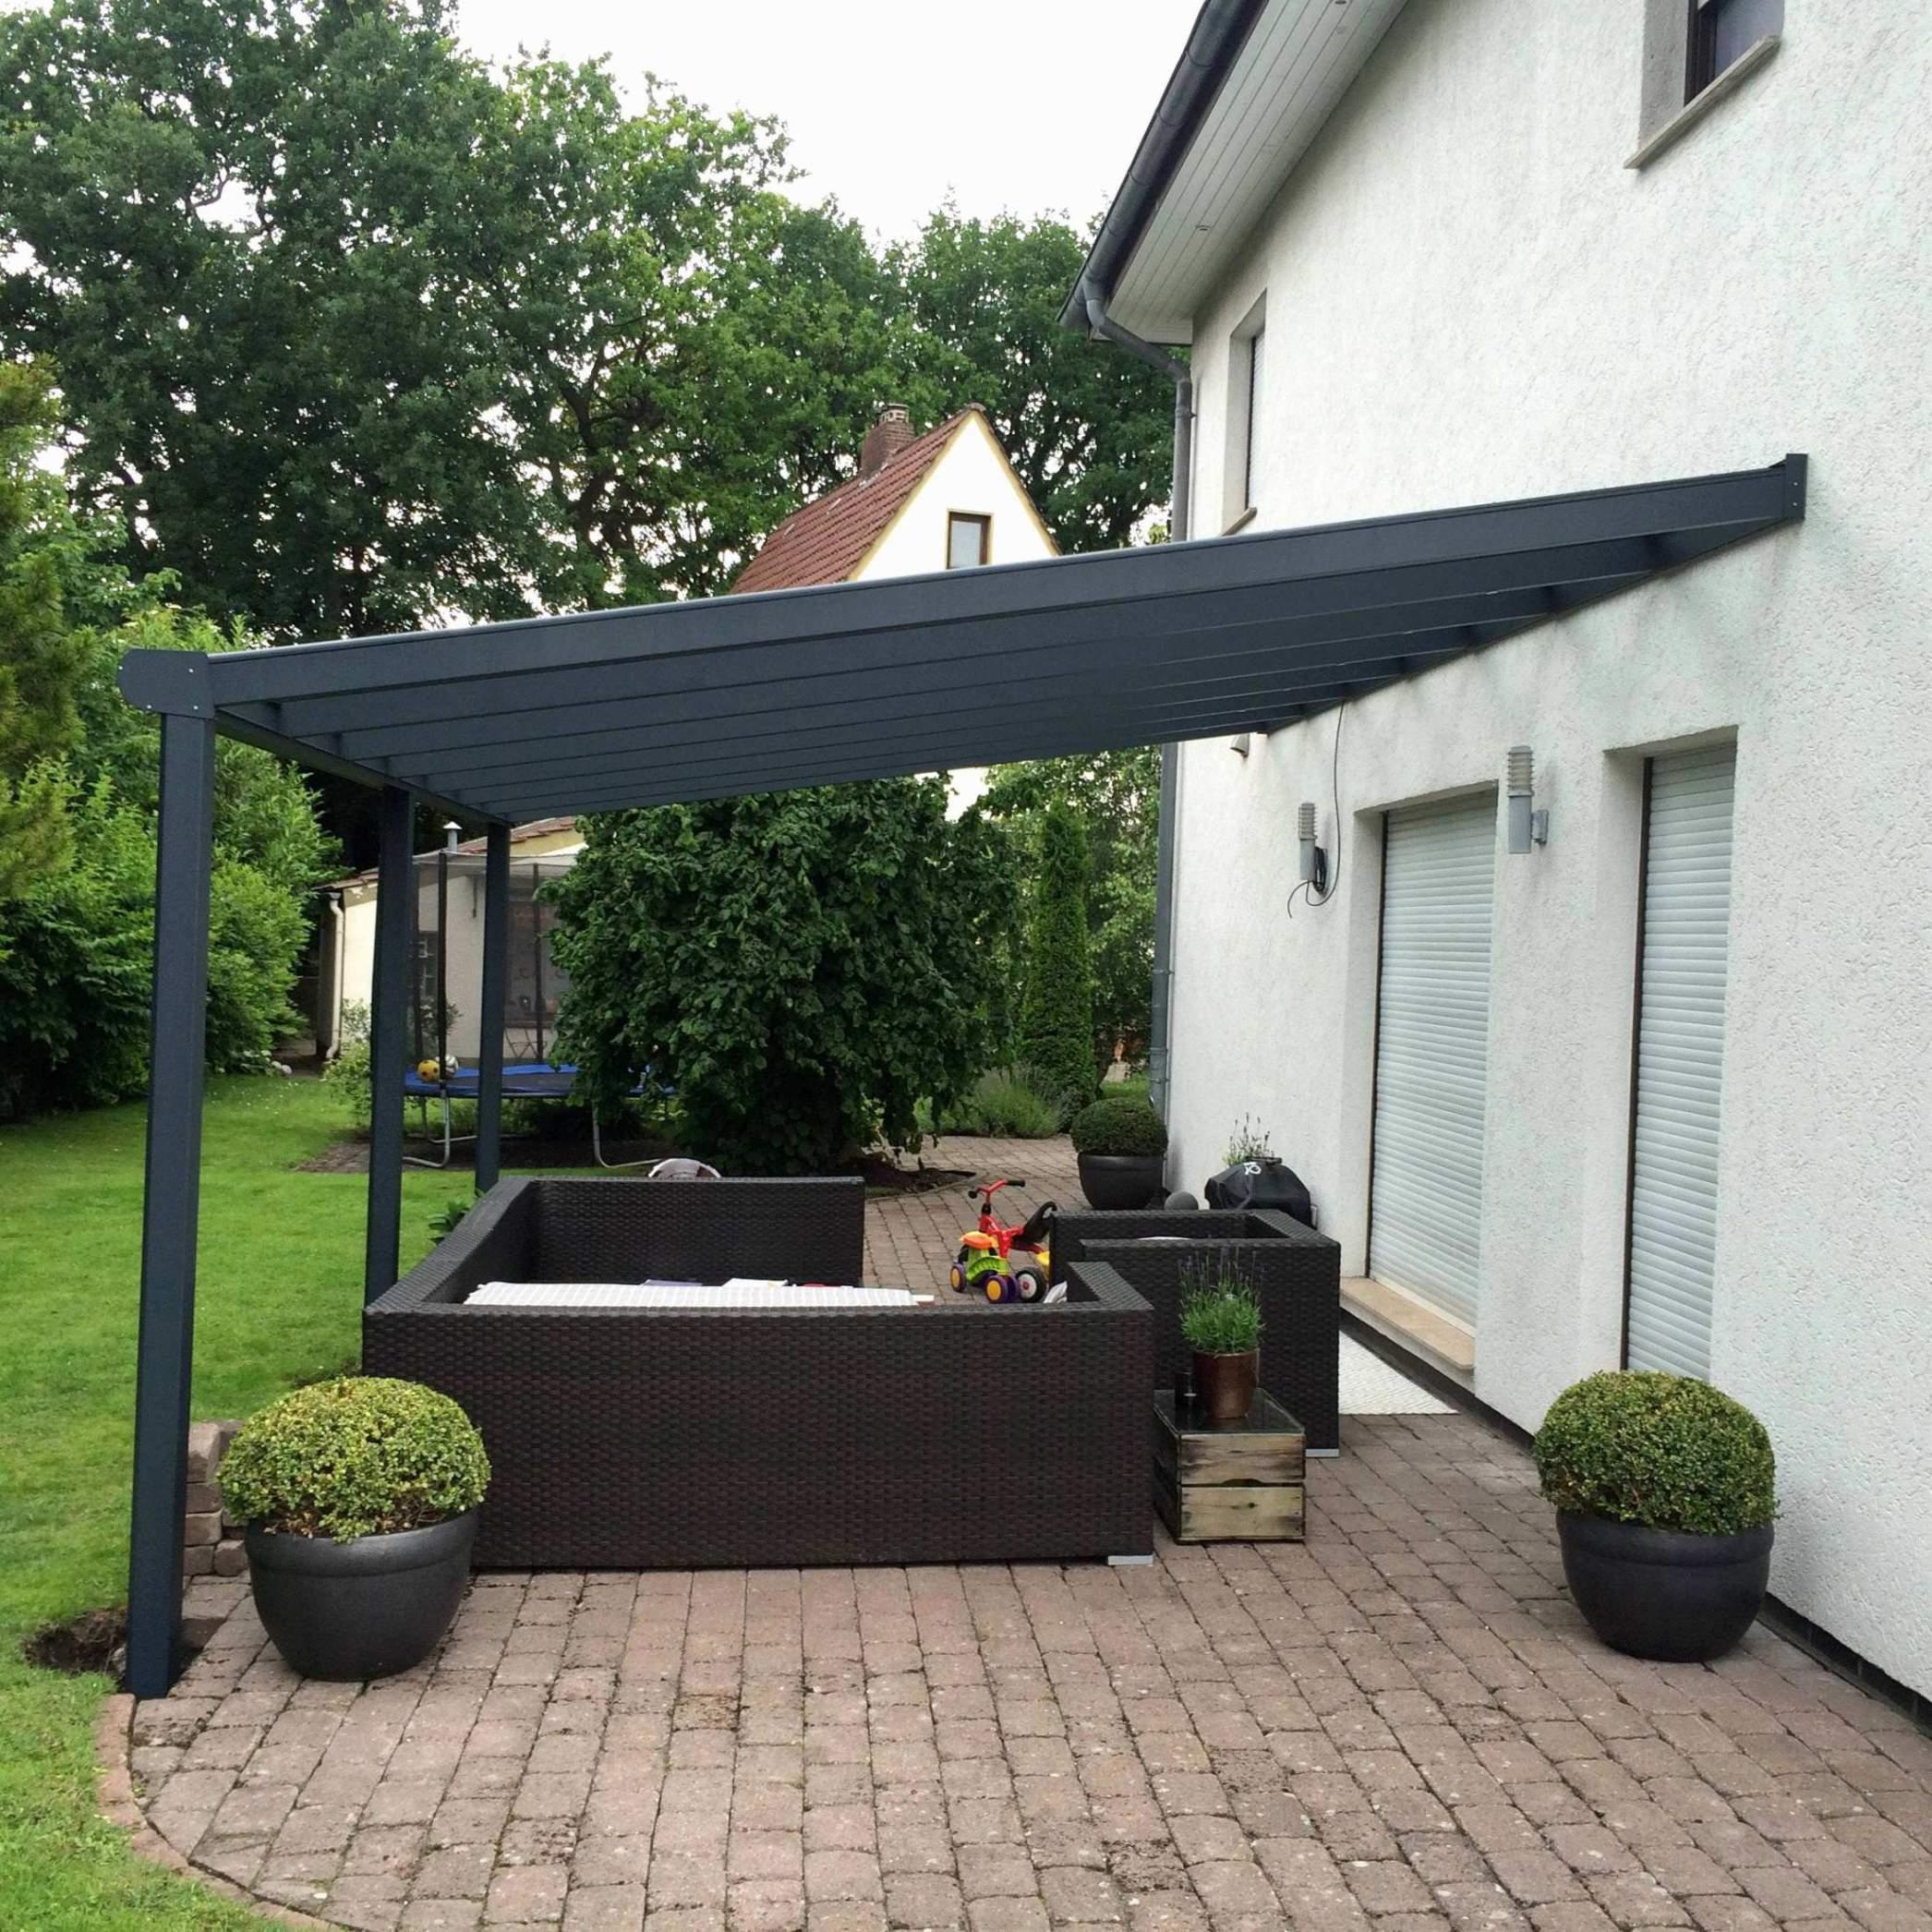 deko fur garten und terrasse wohndesign terrassen deko selbst gemacht terrassen deko selbst gemacht